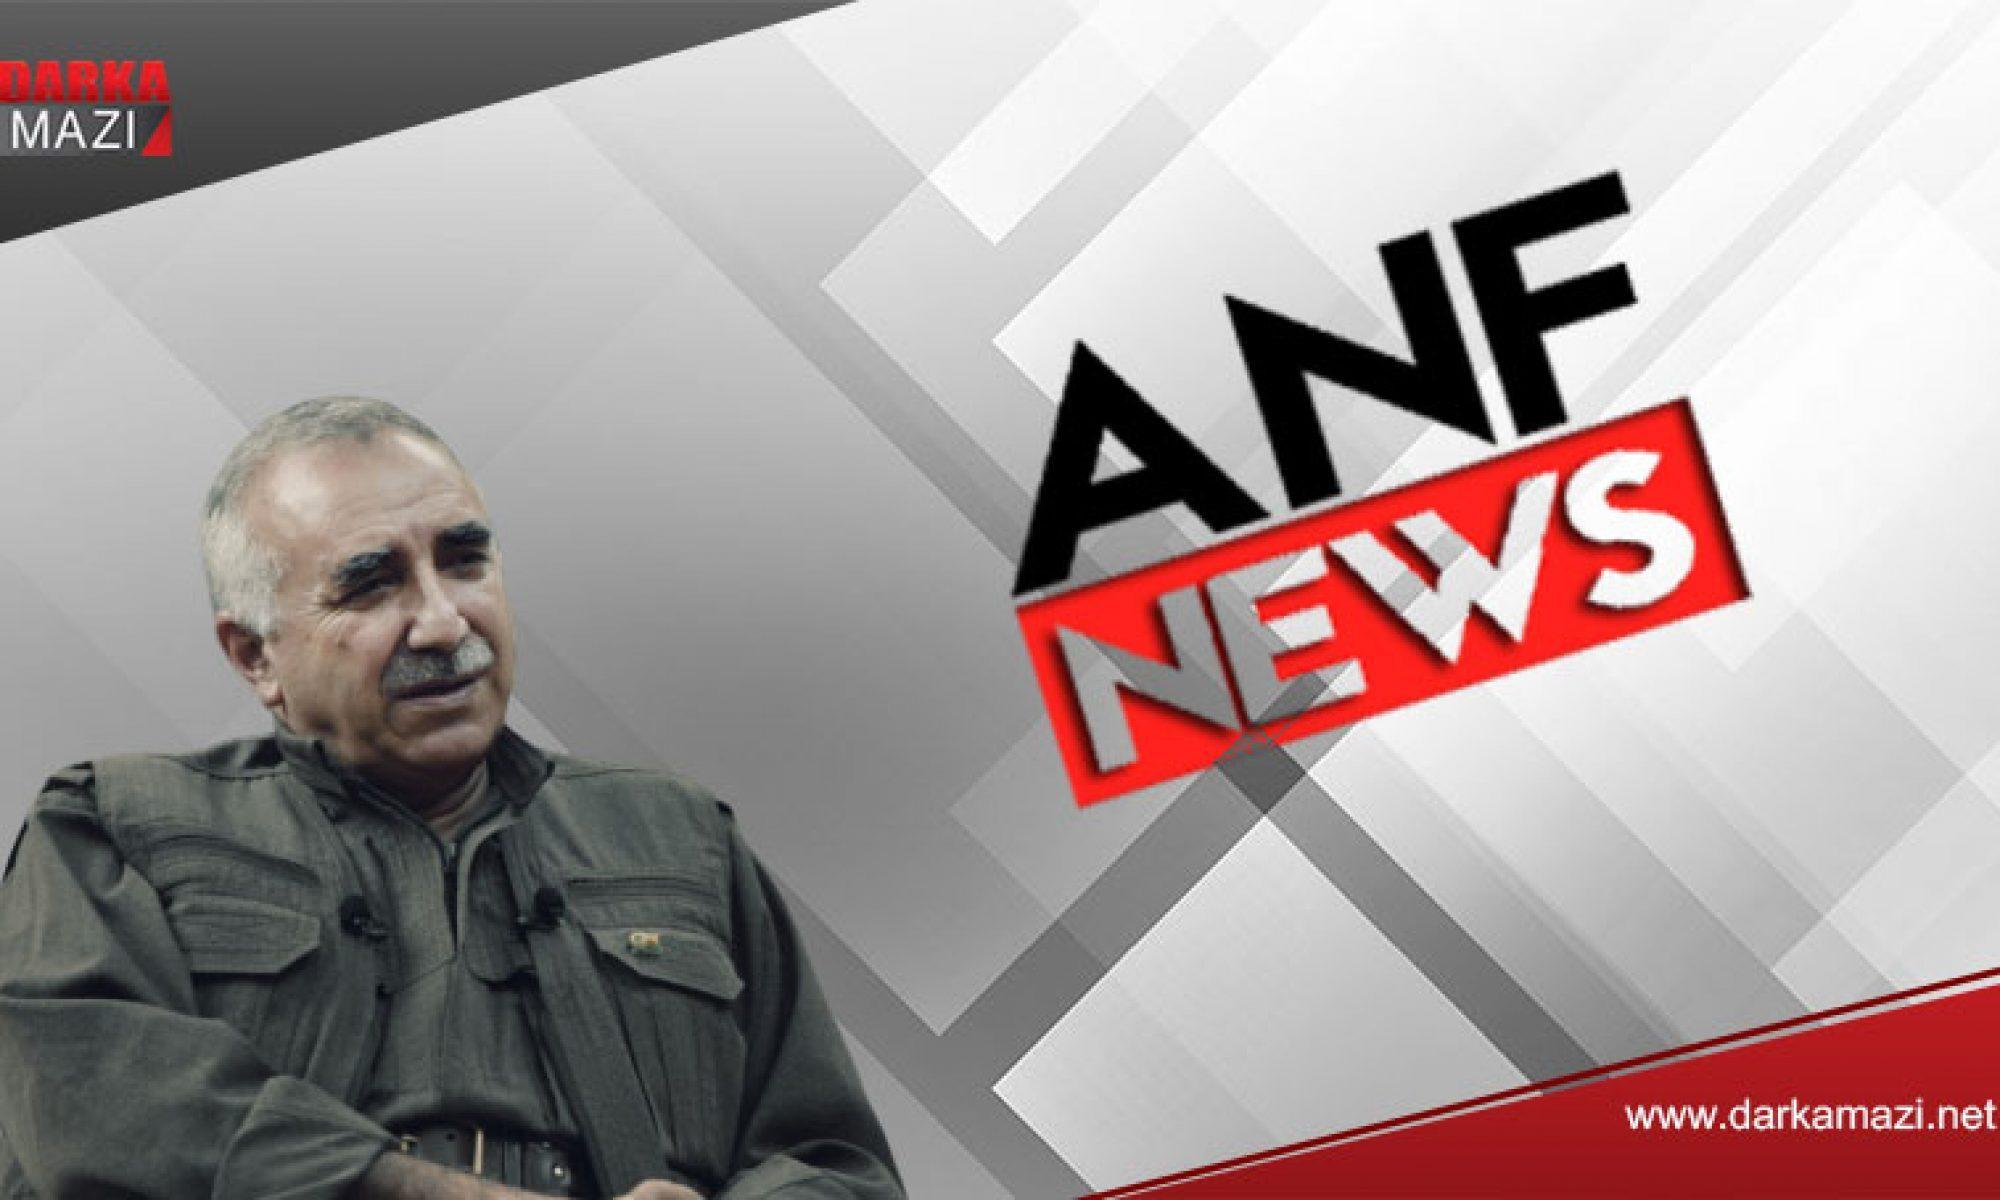 PKK medyasından Murat Karayılan'a sansür, Özgür Politika, ANF, Abdullah Ağar, Gare opersyonu, Kürdistan, Peşmerge, Roj Peşmergeleri,